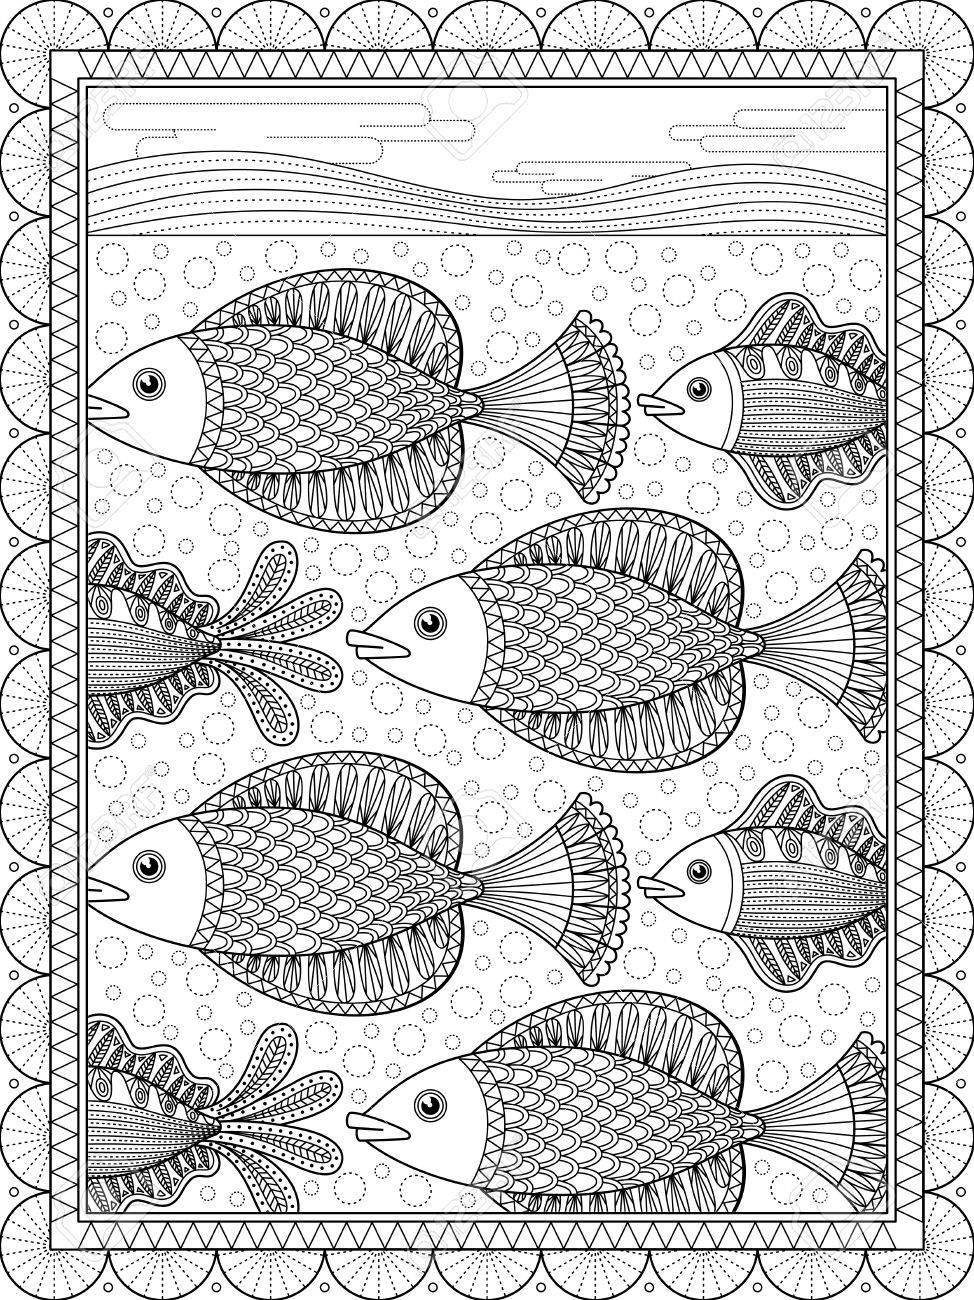 Elegante Erwachsenen Malvorlagen, Schöne Schwimmen Fische, Anti ...